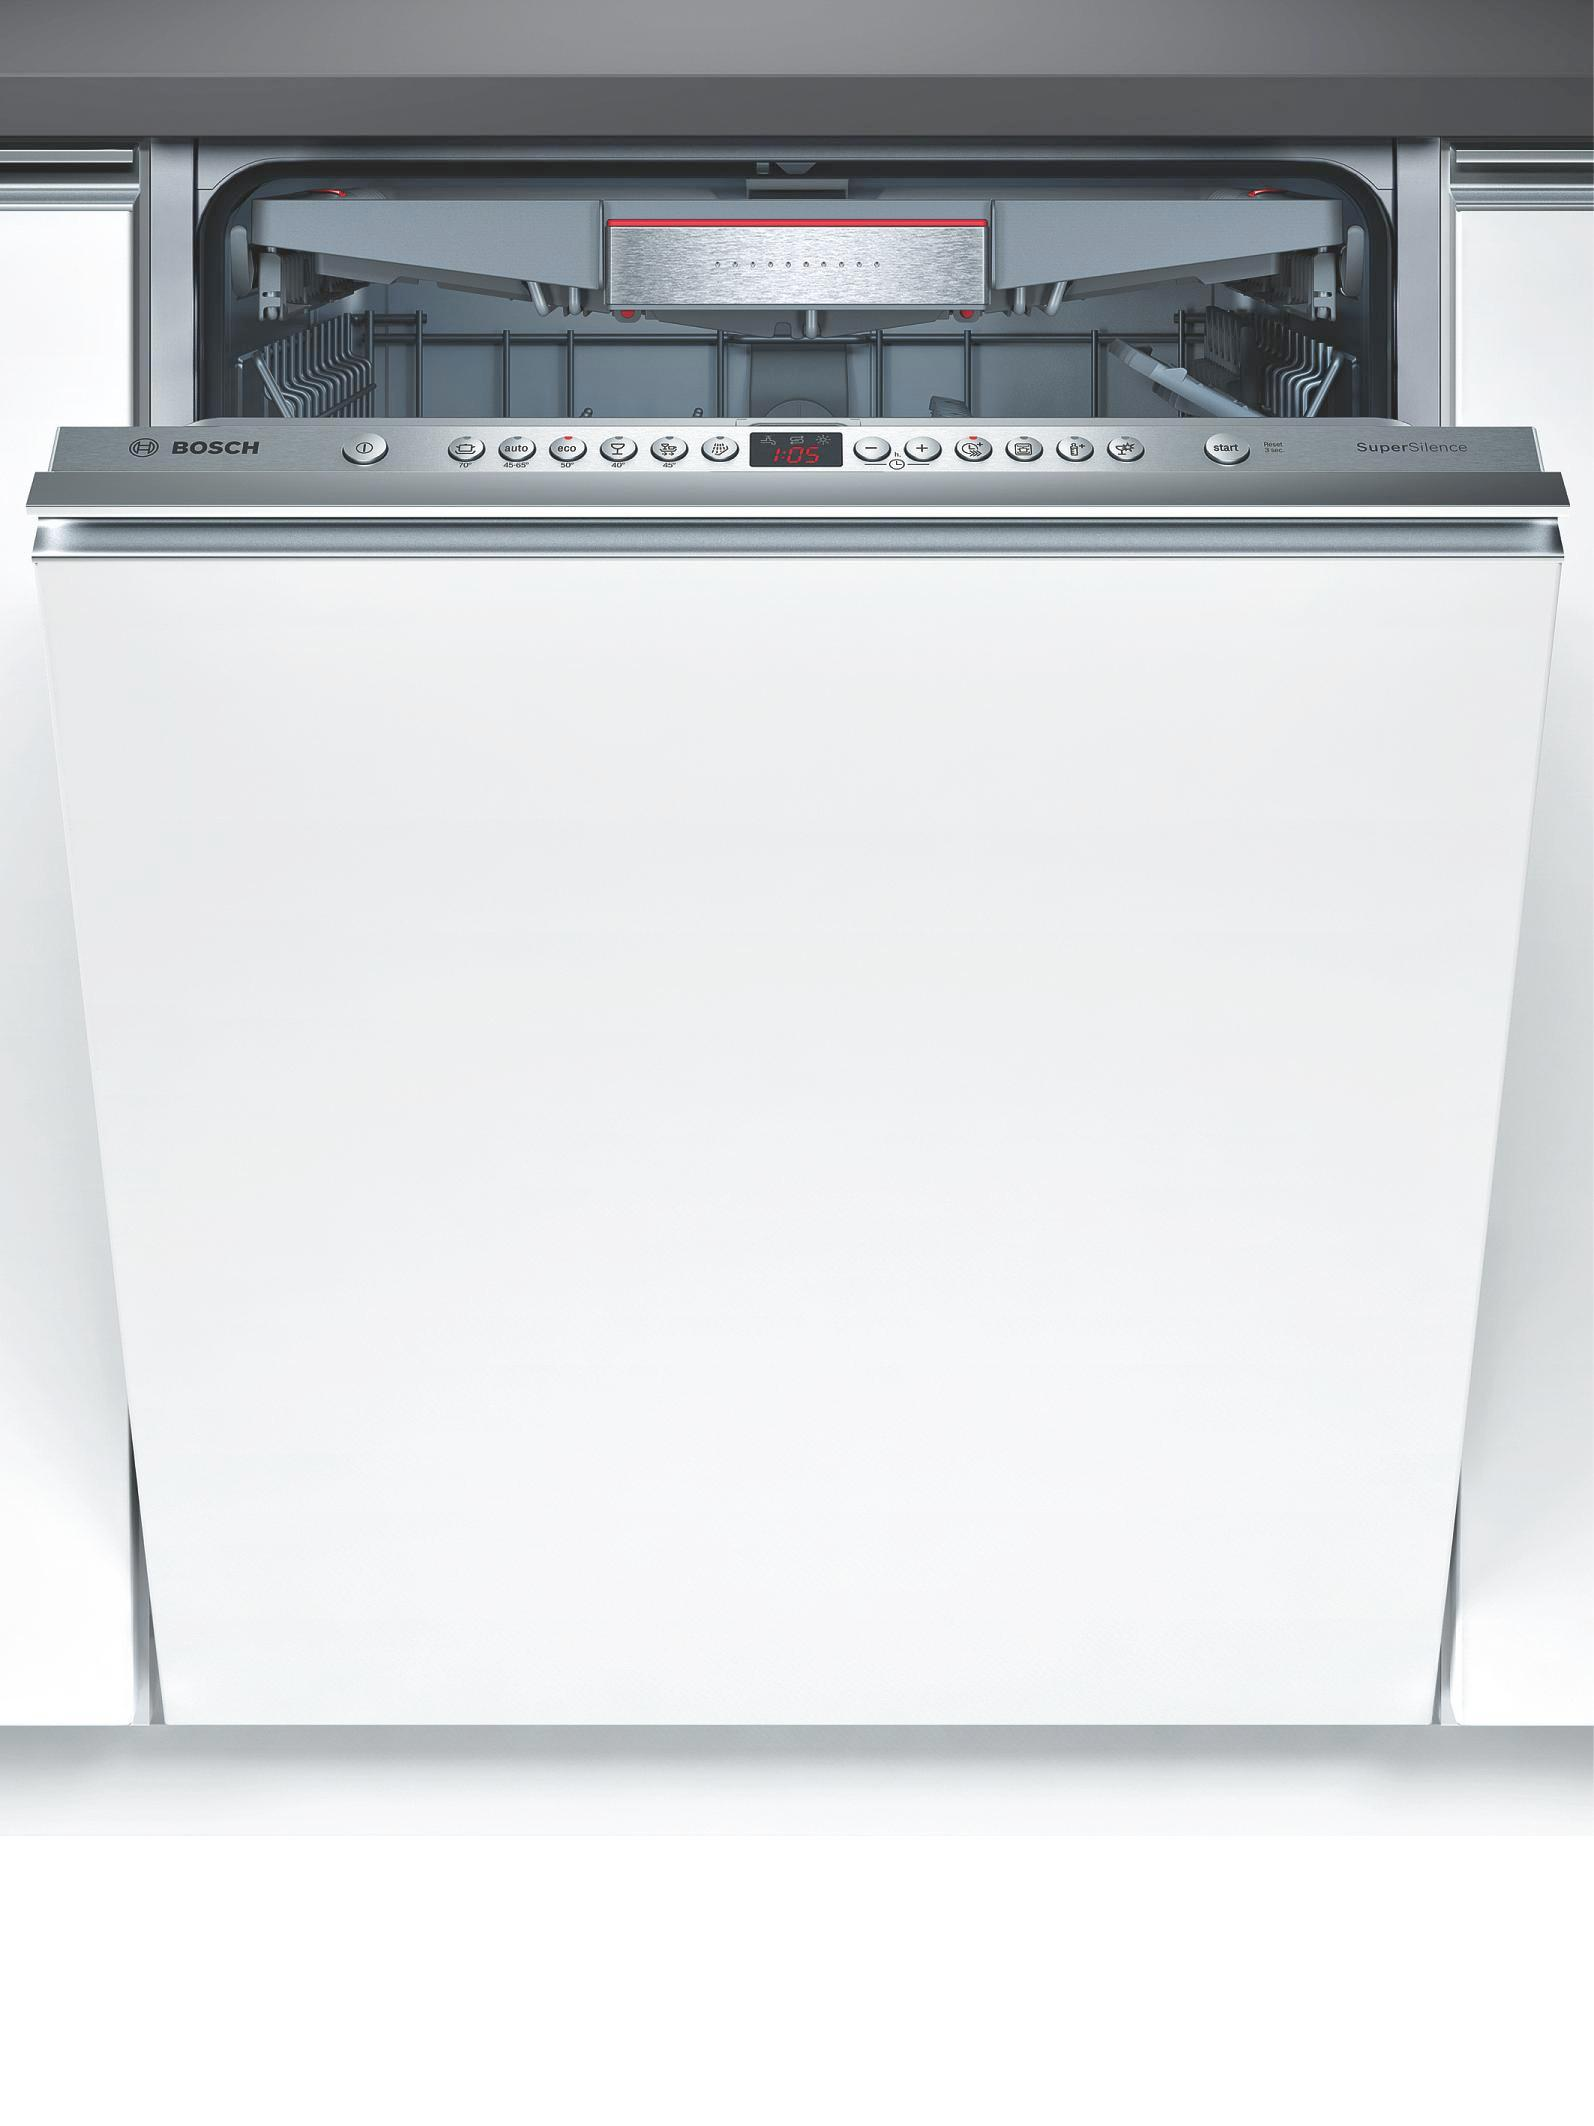 Geschirrspüler Bosch Smv69n70eu, EEZ A+++ - Weiß (59,8/81,5/55cm) - BOSCH